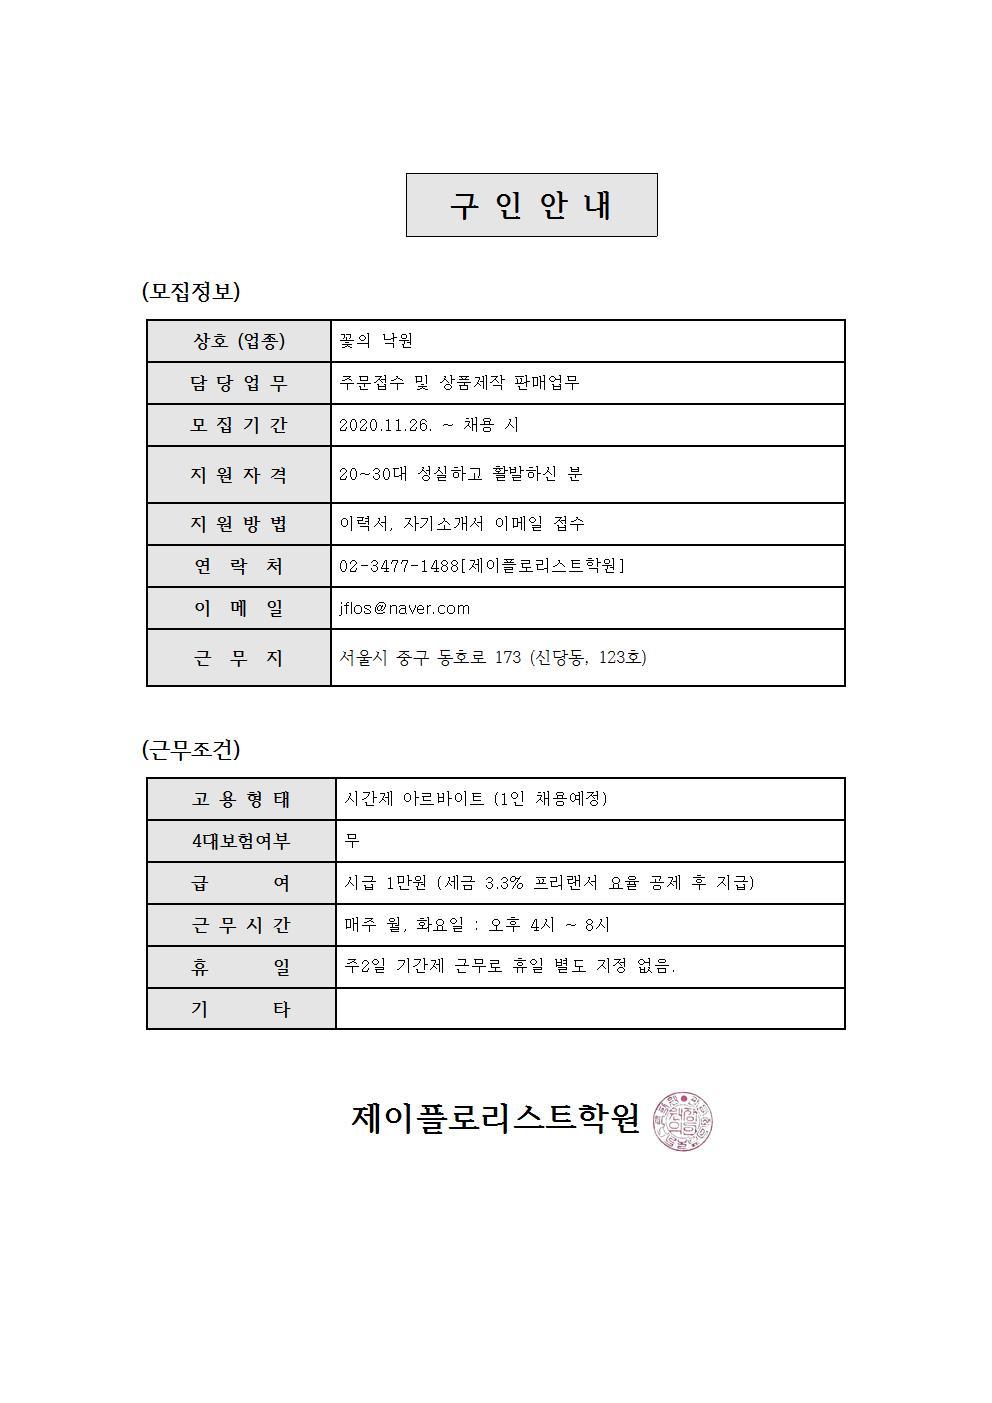 구인안내_꽃의낙원001.jpg